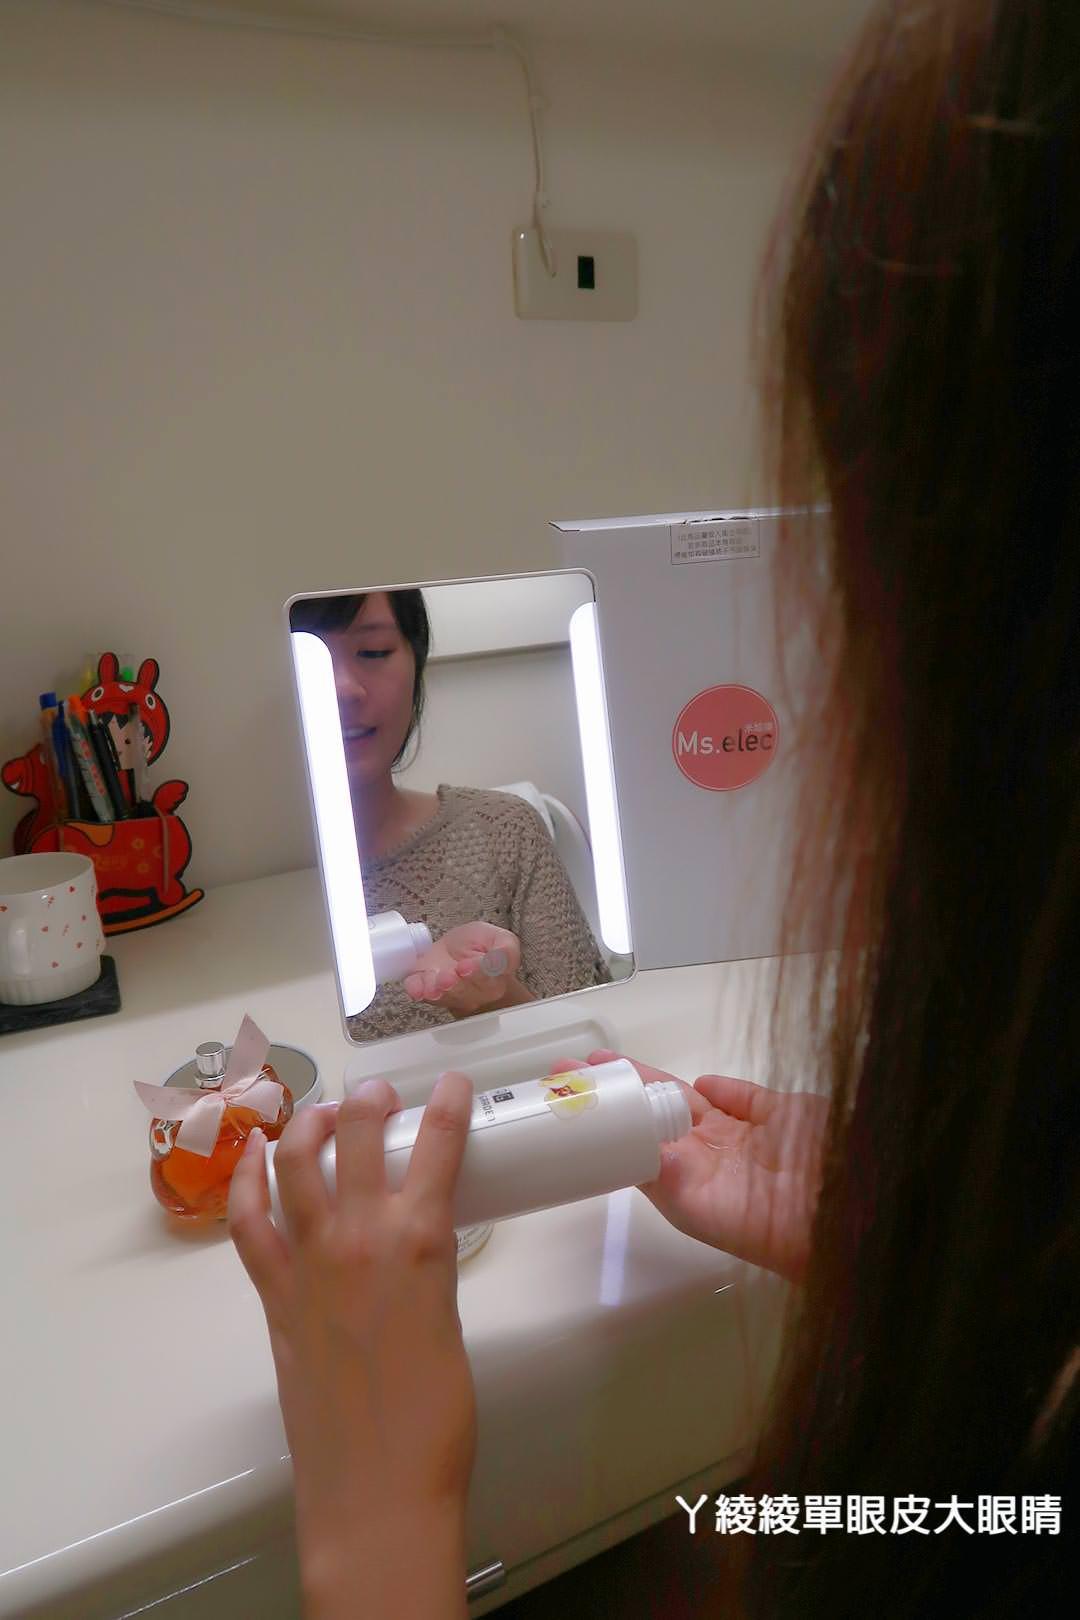 準備好成為燈光焦點了嗎?推薦《Ms.elec米嬉樂》觸控柔光化妝鏡